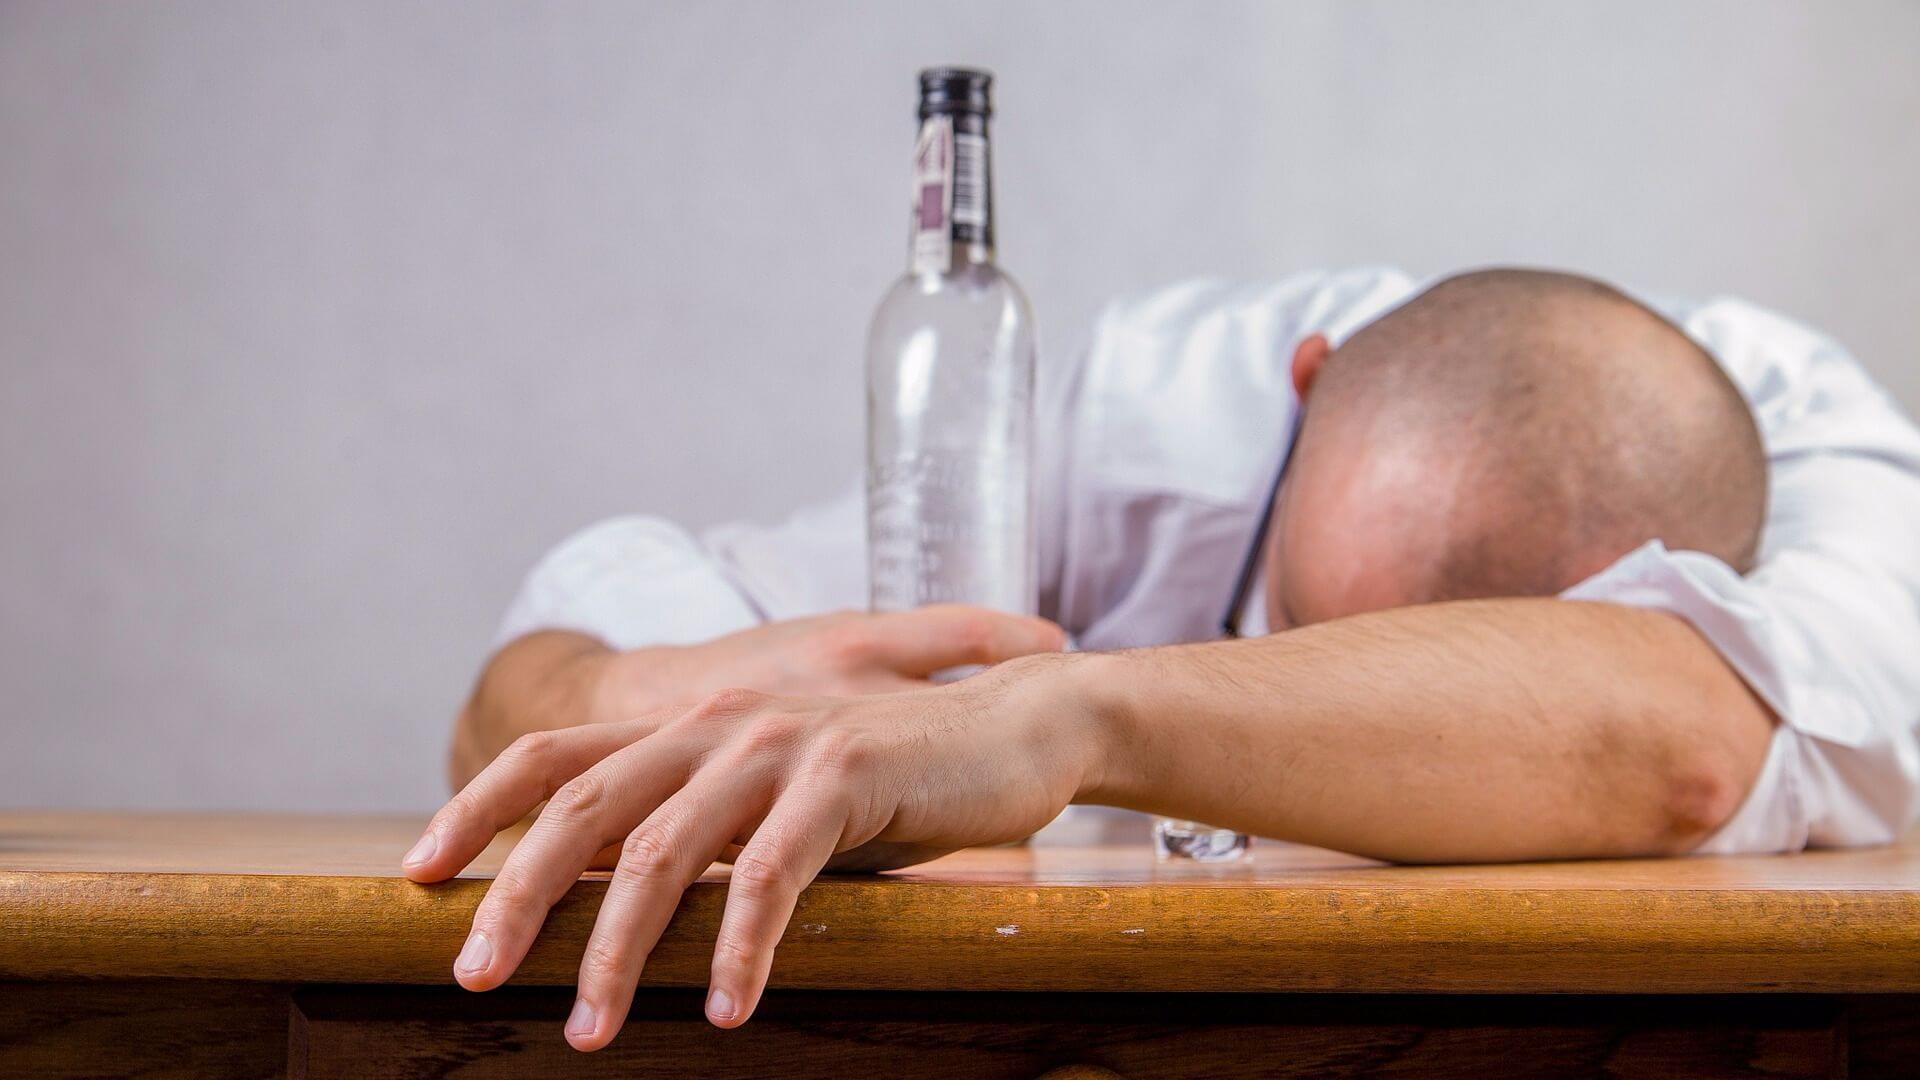 Как бороться с алкоголизмом мужа в домашних условиях